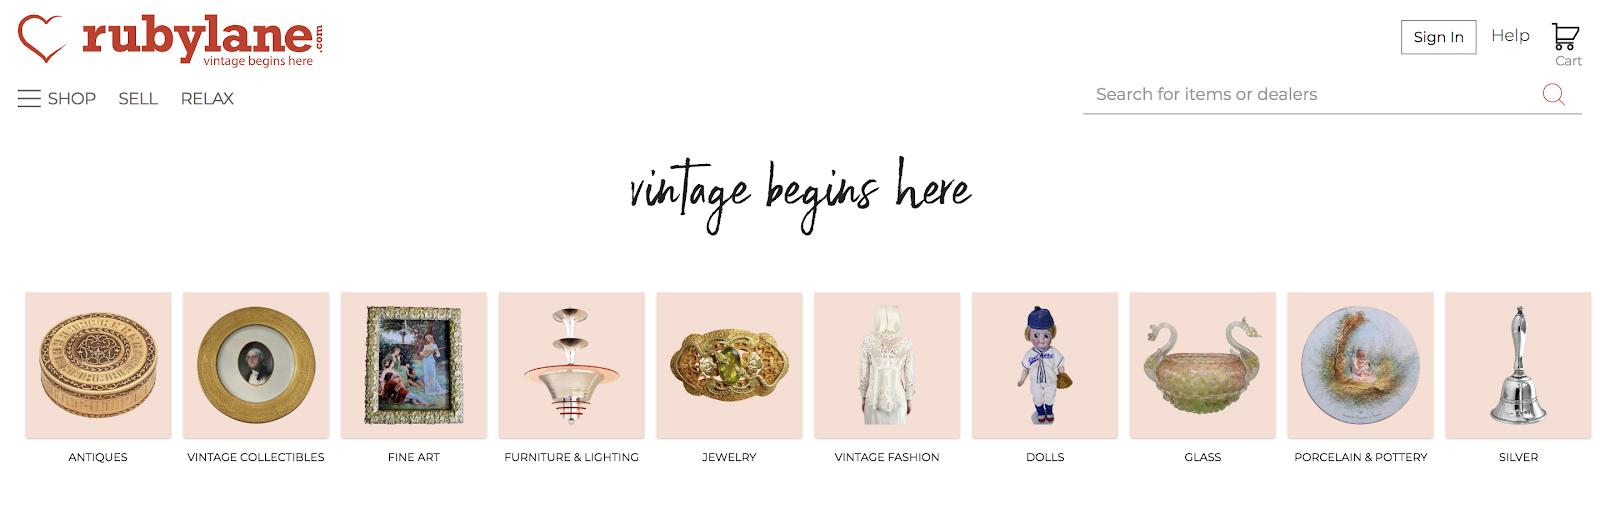 Sitio de venta vintage en línea de Rubylane